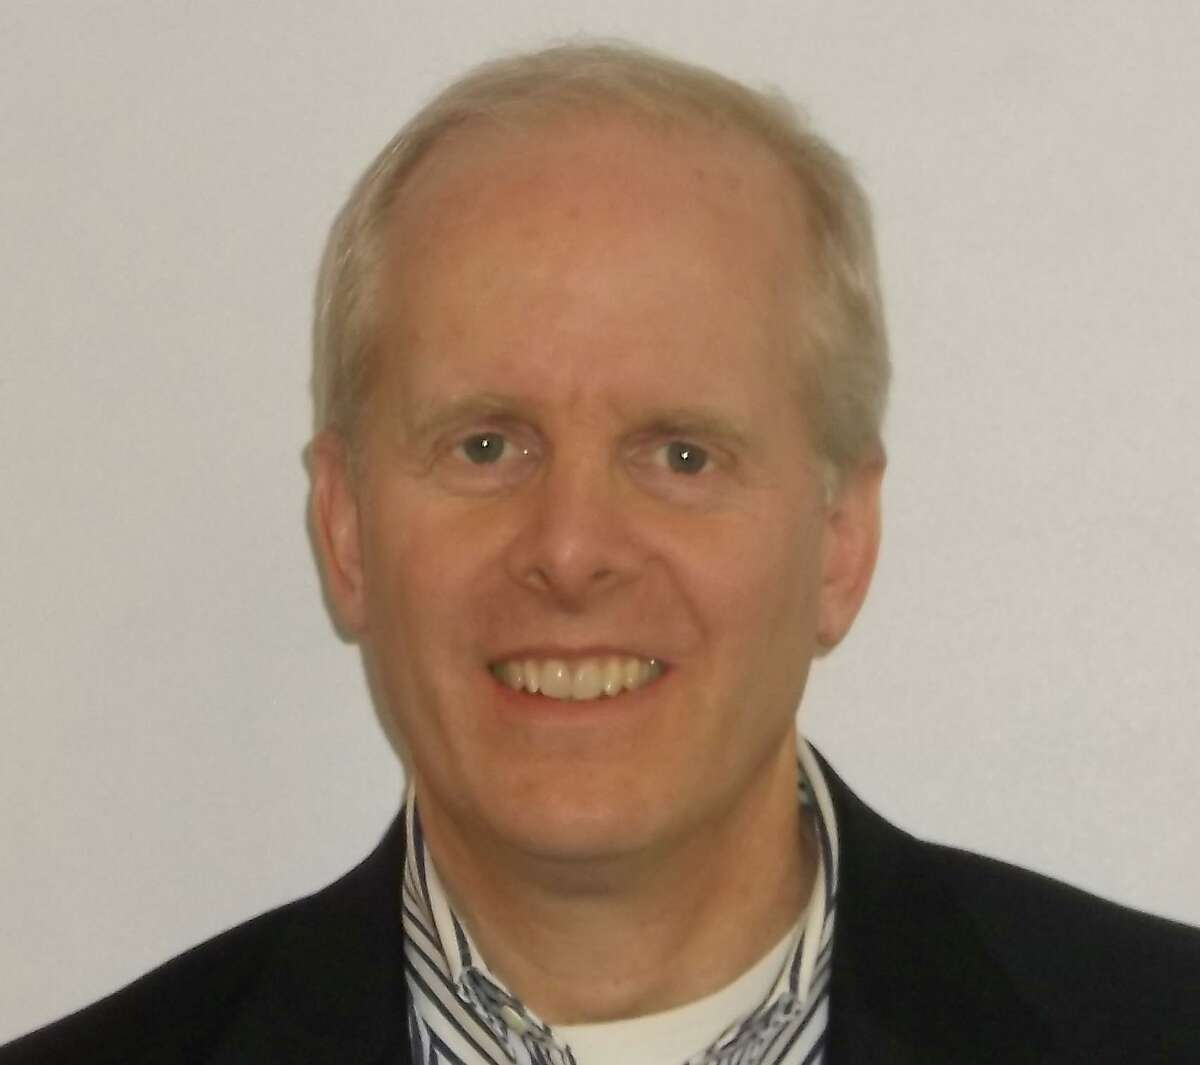 Peter Balderston